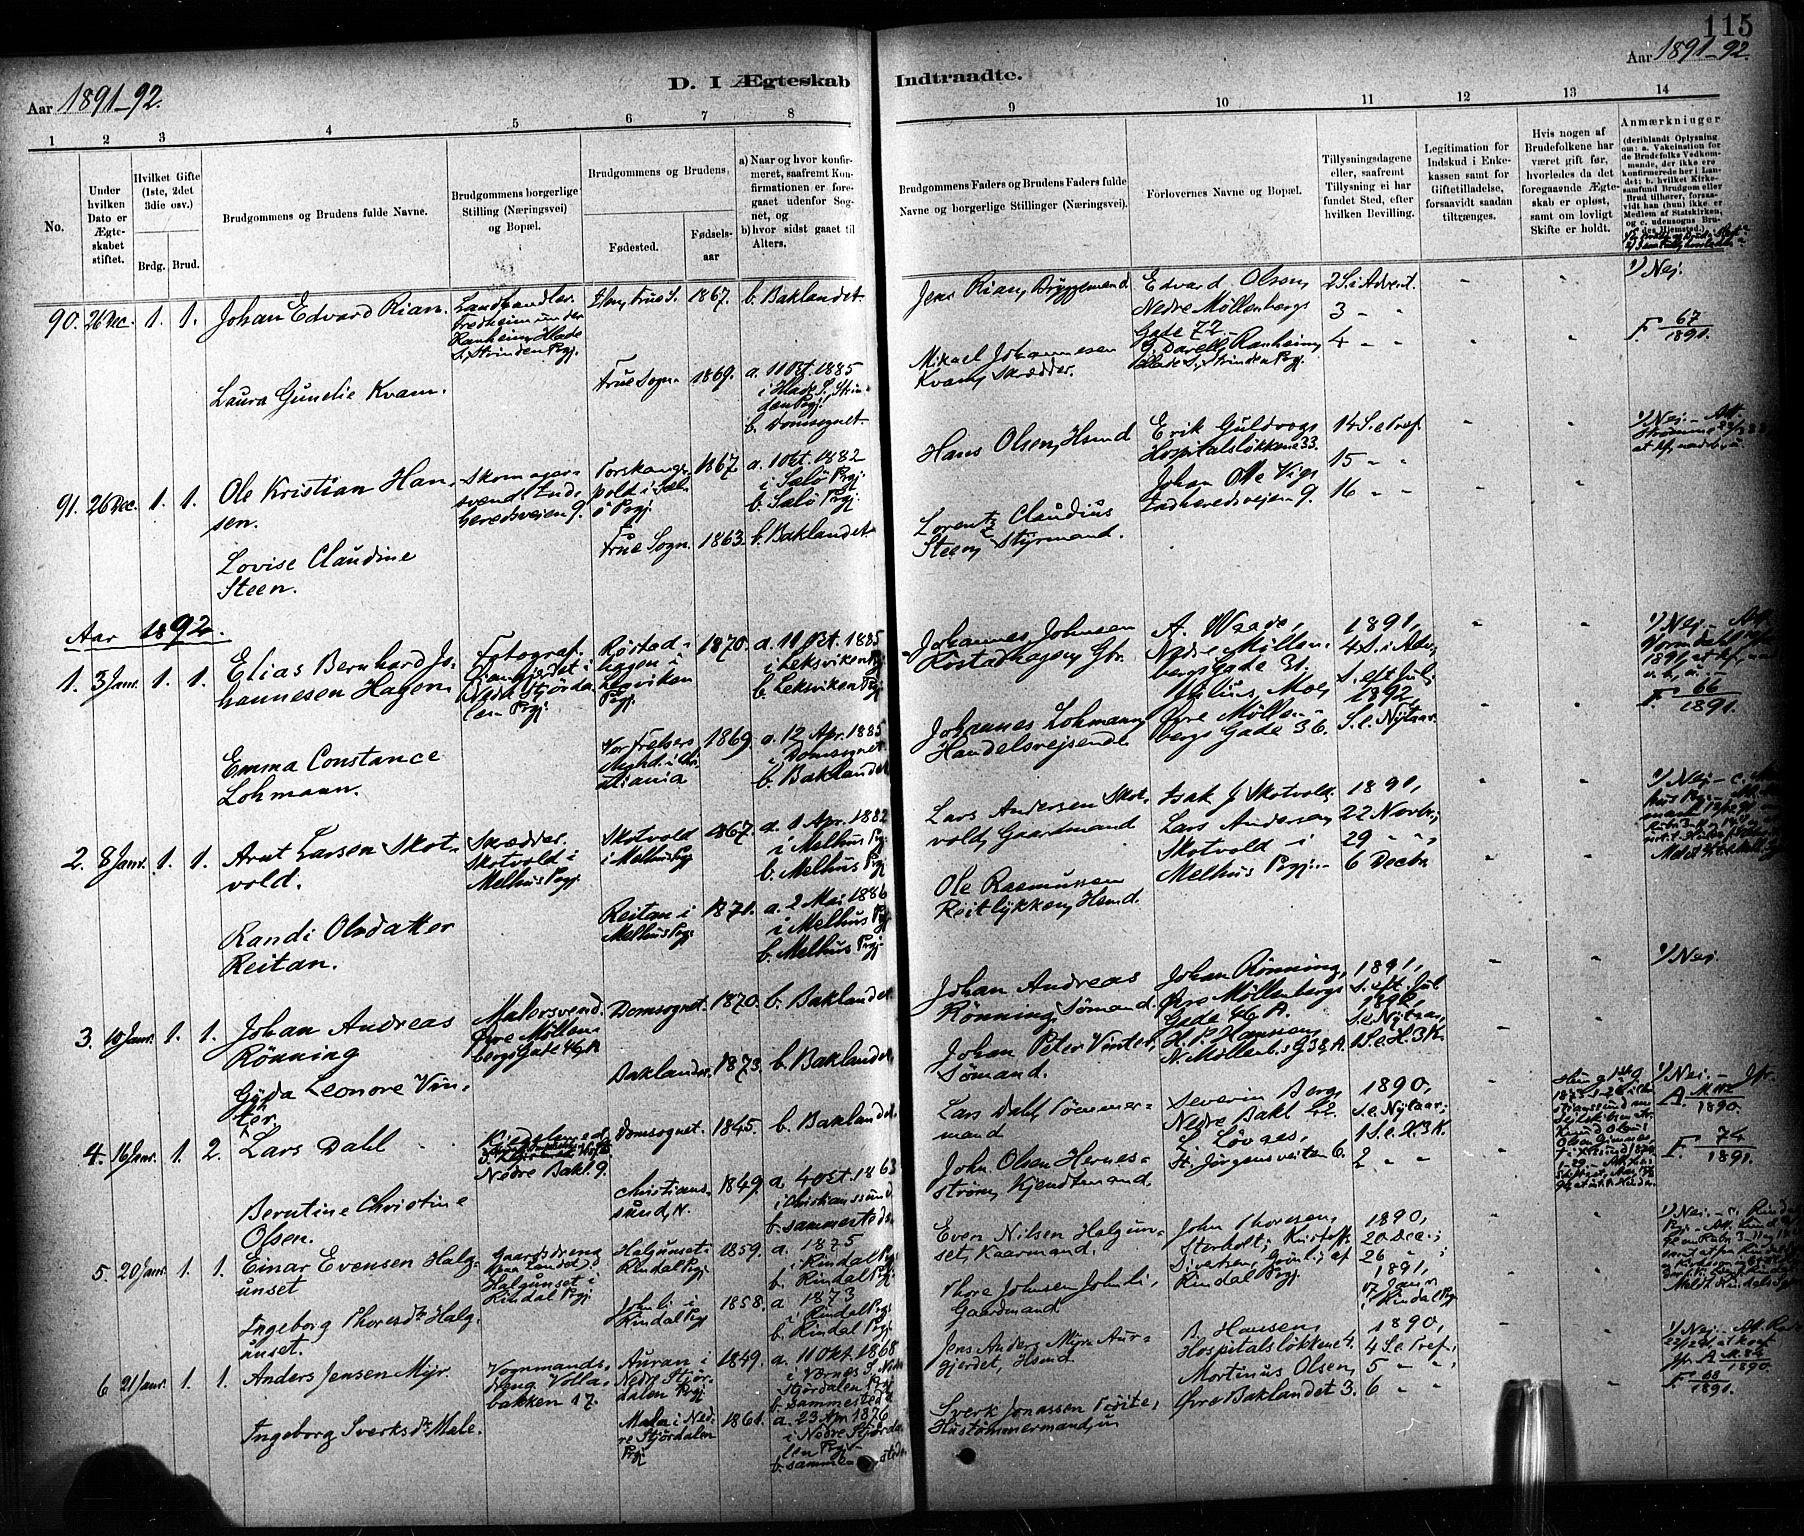 SAT, Ministerialprotokoller, klokkerbøker og fødselsregistre - Sør-Trøndelag, 604/L0189: Ministerialbok nr. 604A10, 1878-1892, s. 115